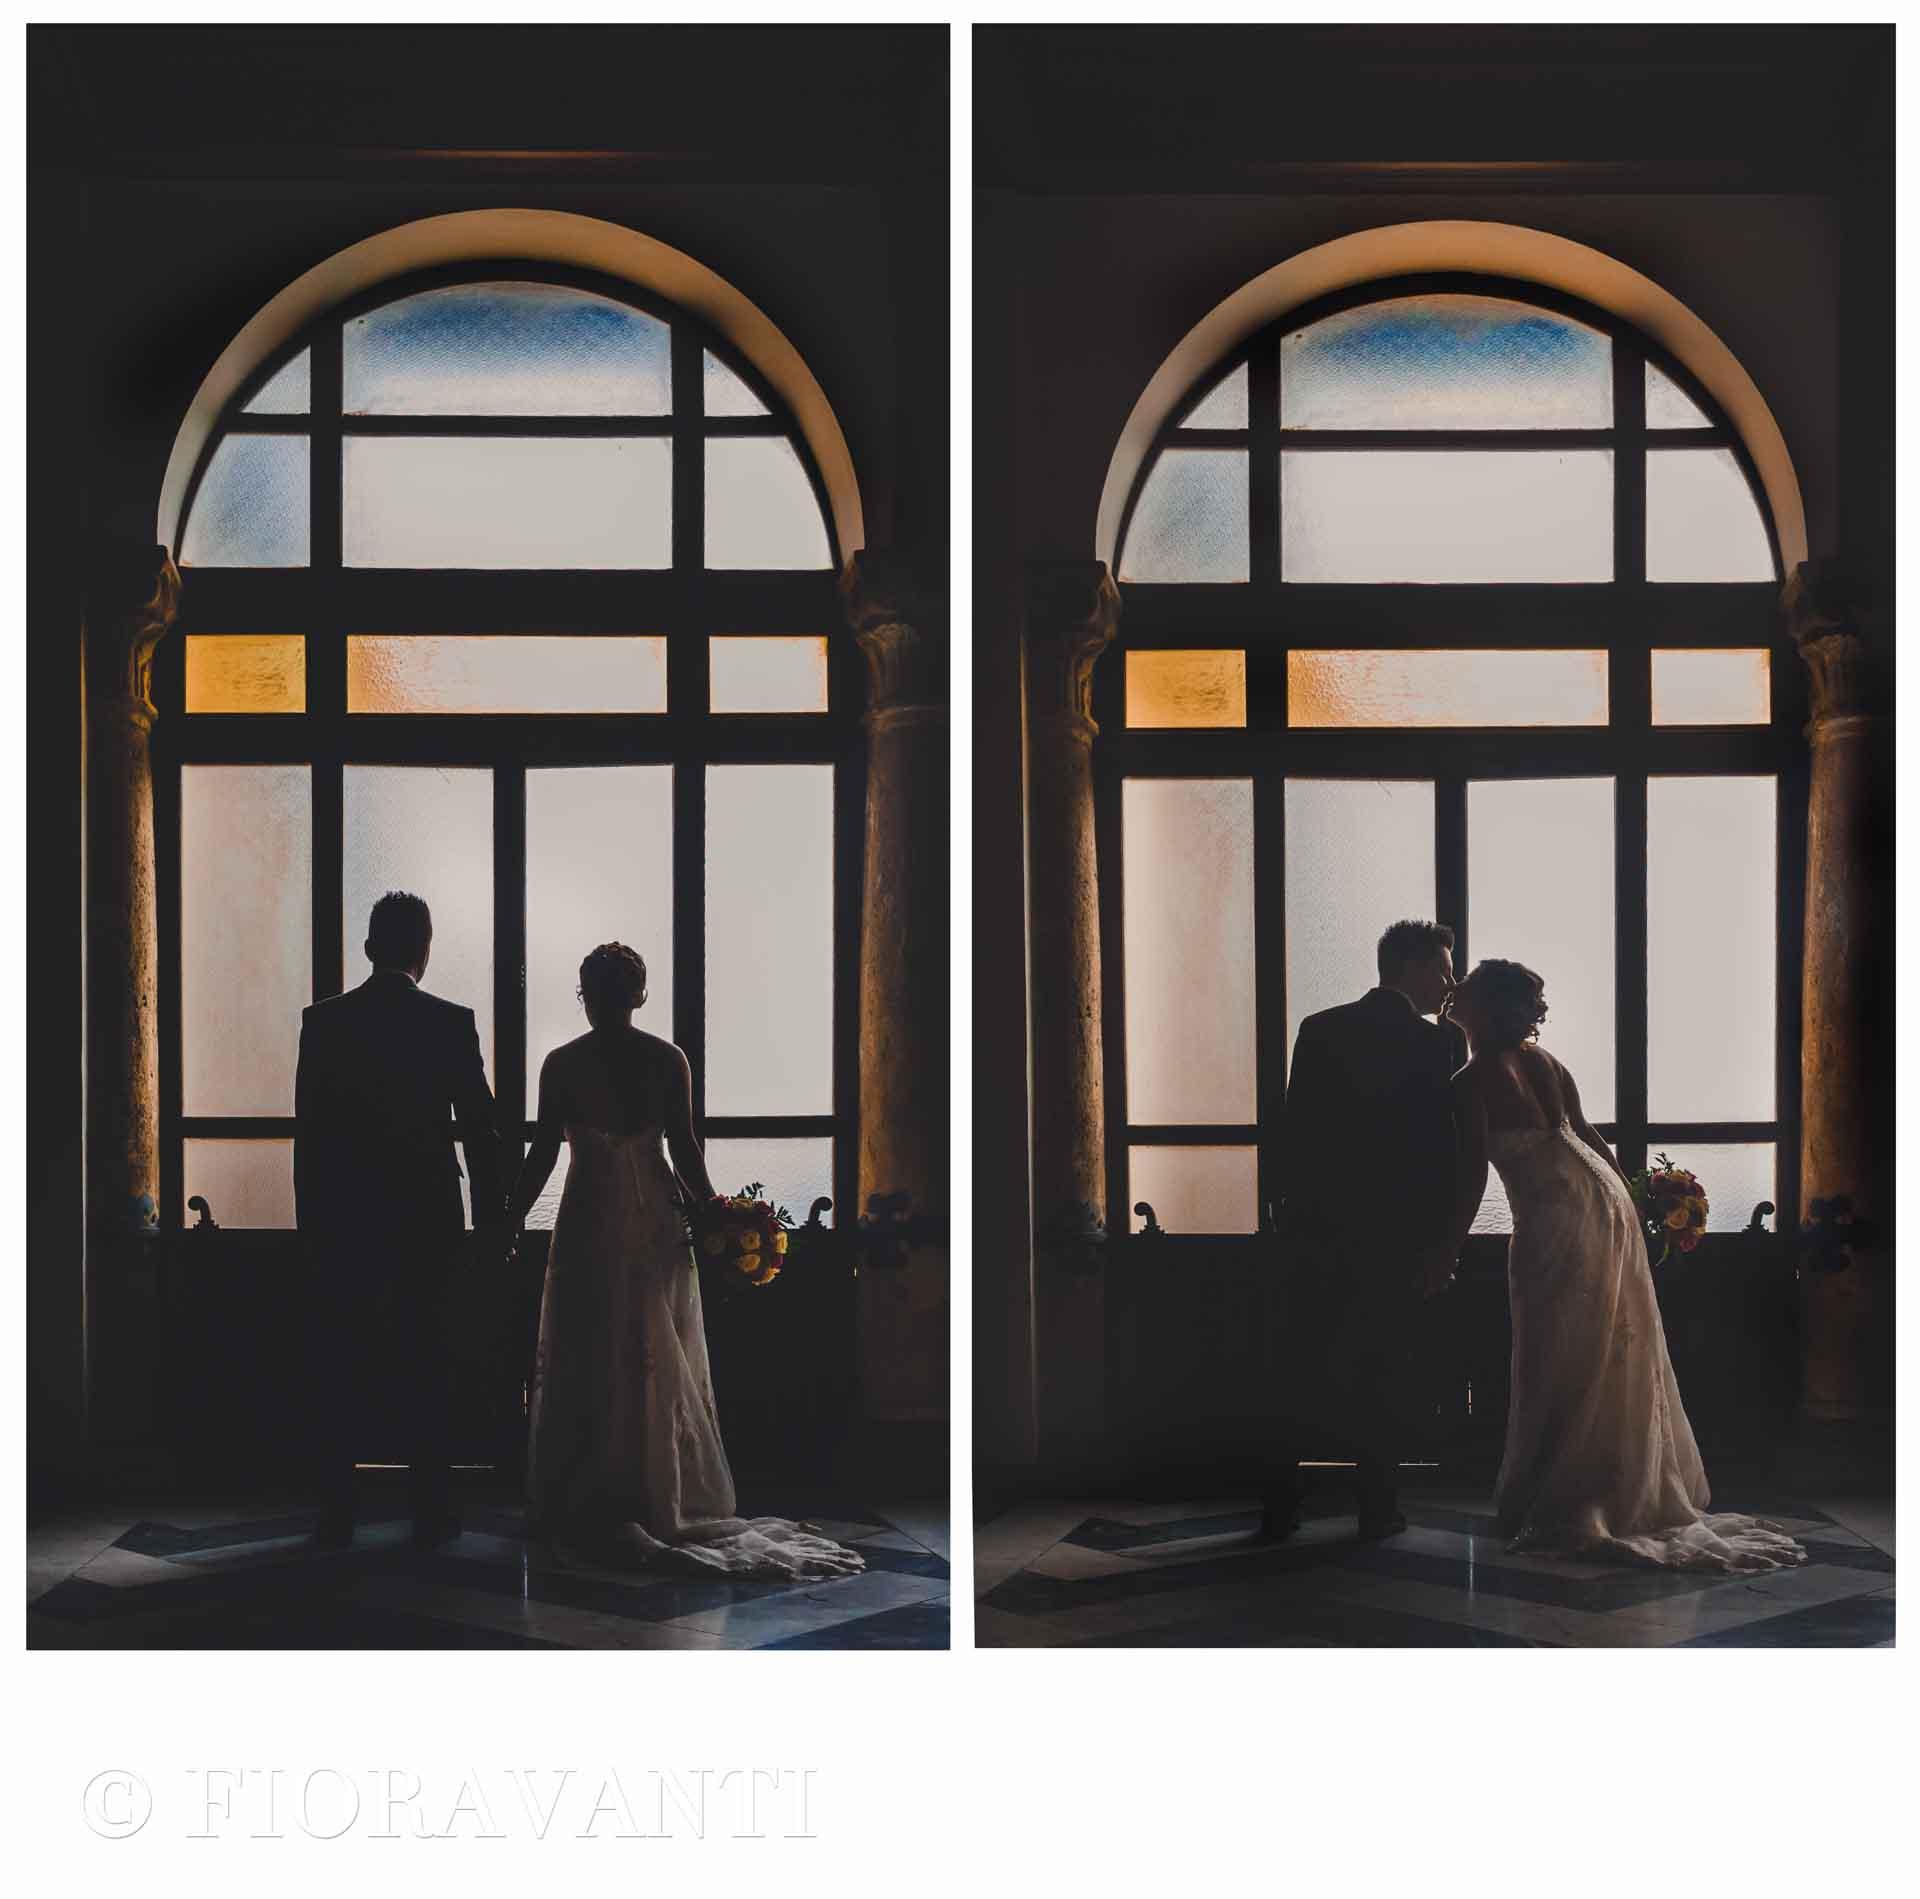 studio fotografico ascoli piceno studio fotografico fioravanti livio fioravanti fotografo matrimonio  ascoli piceno fotografo ascoli 49